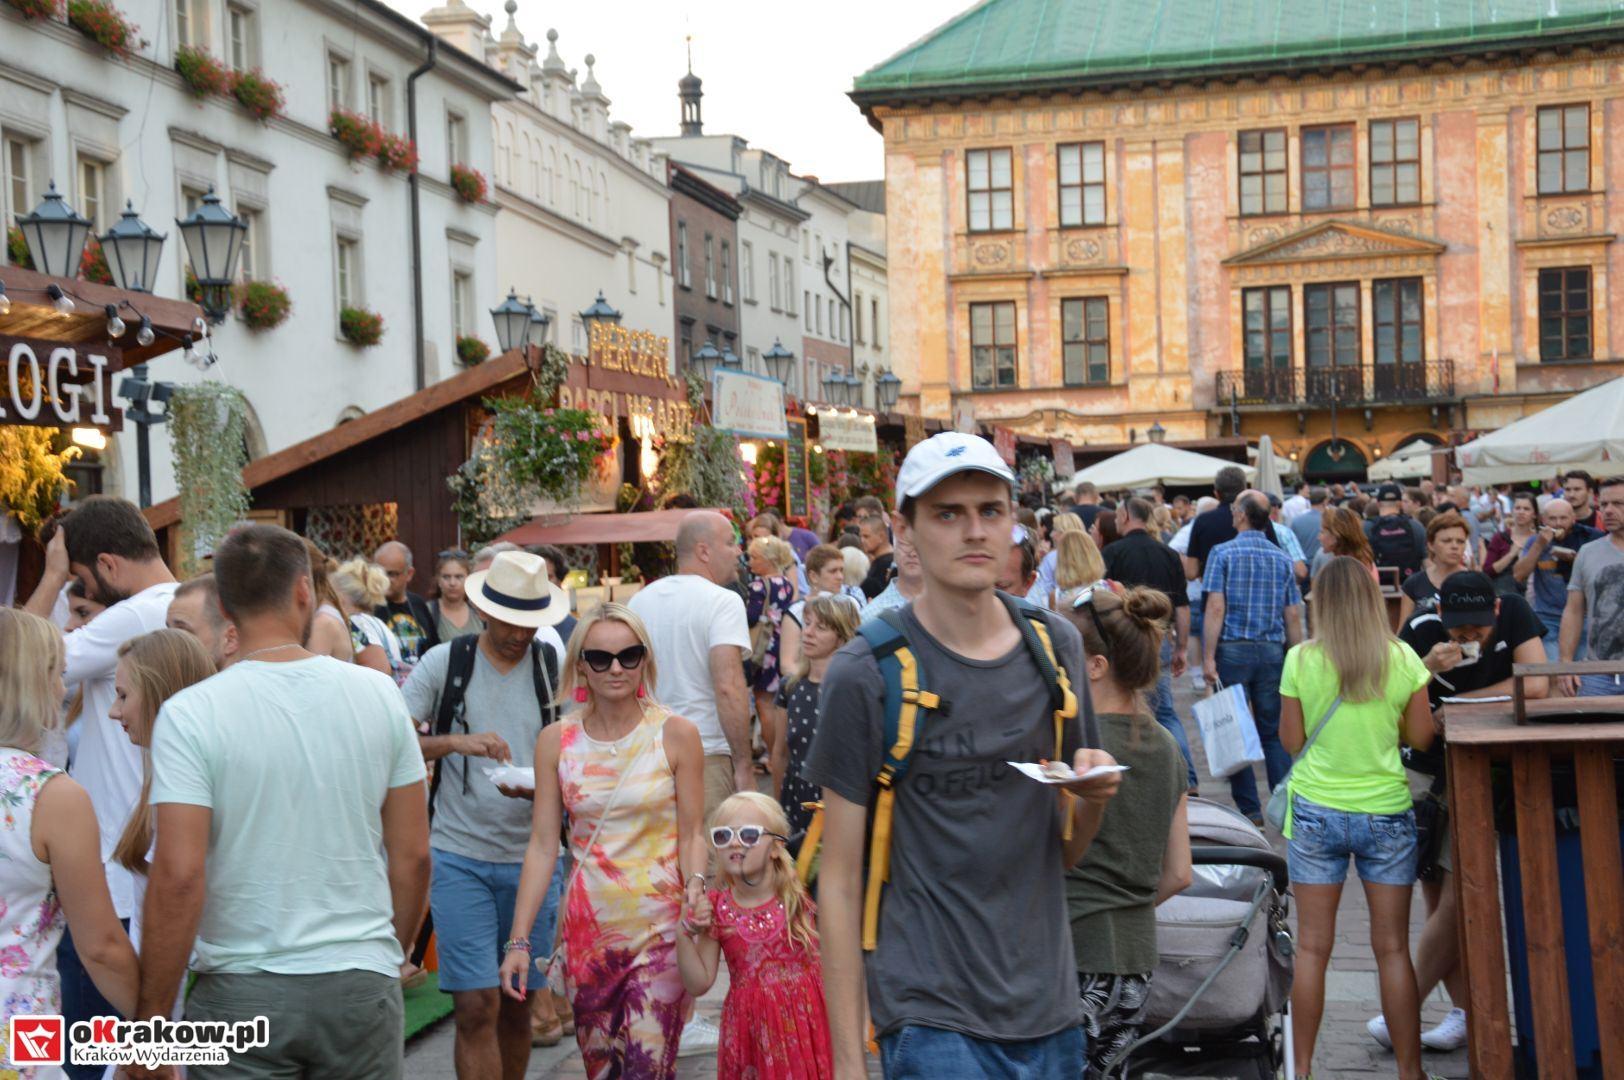 krakow festiwal pierogow maly rynek koncert cheap tobacco 86 150x150 - Galeria zdjęć Festiwal Pierogów Kraków 2018 + zdjęcia z koncertu Cheap Tobacco